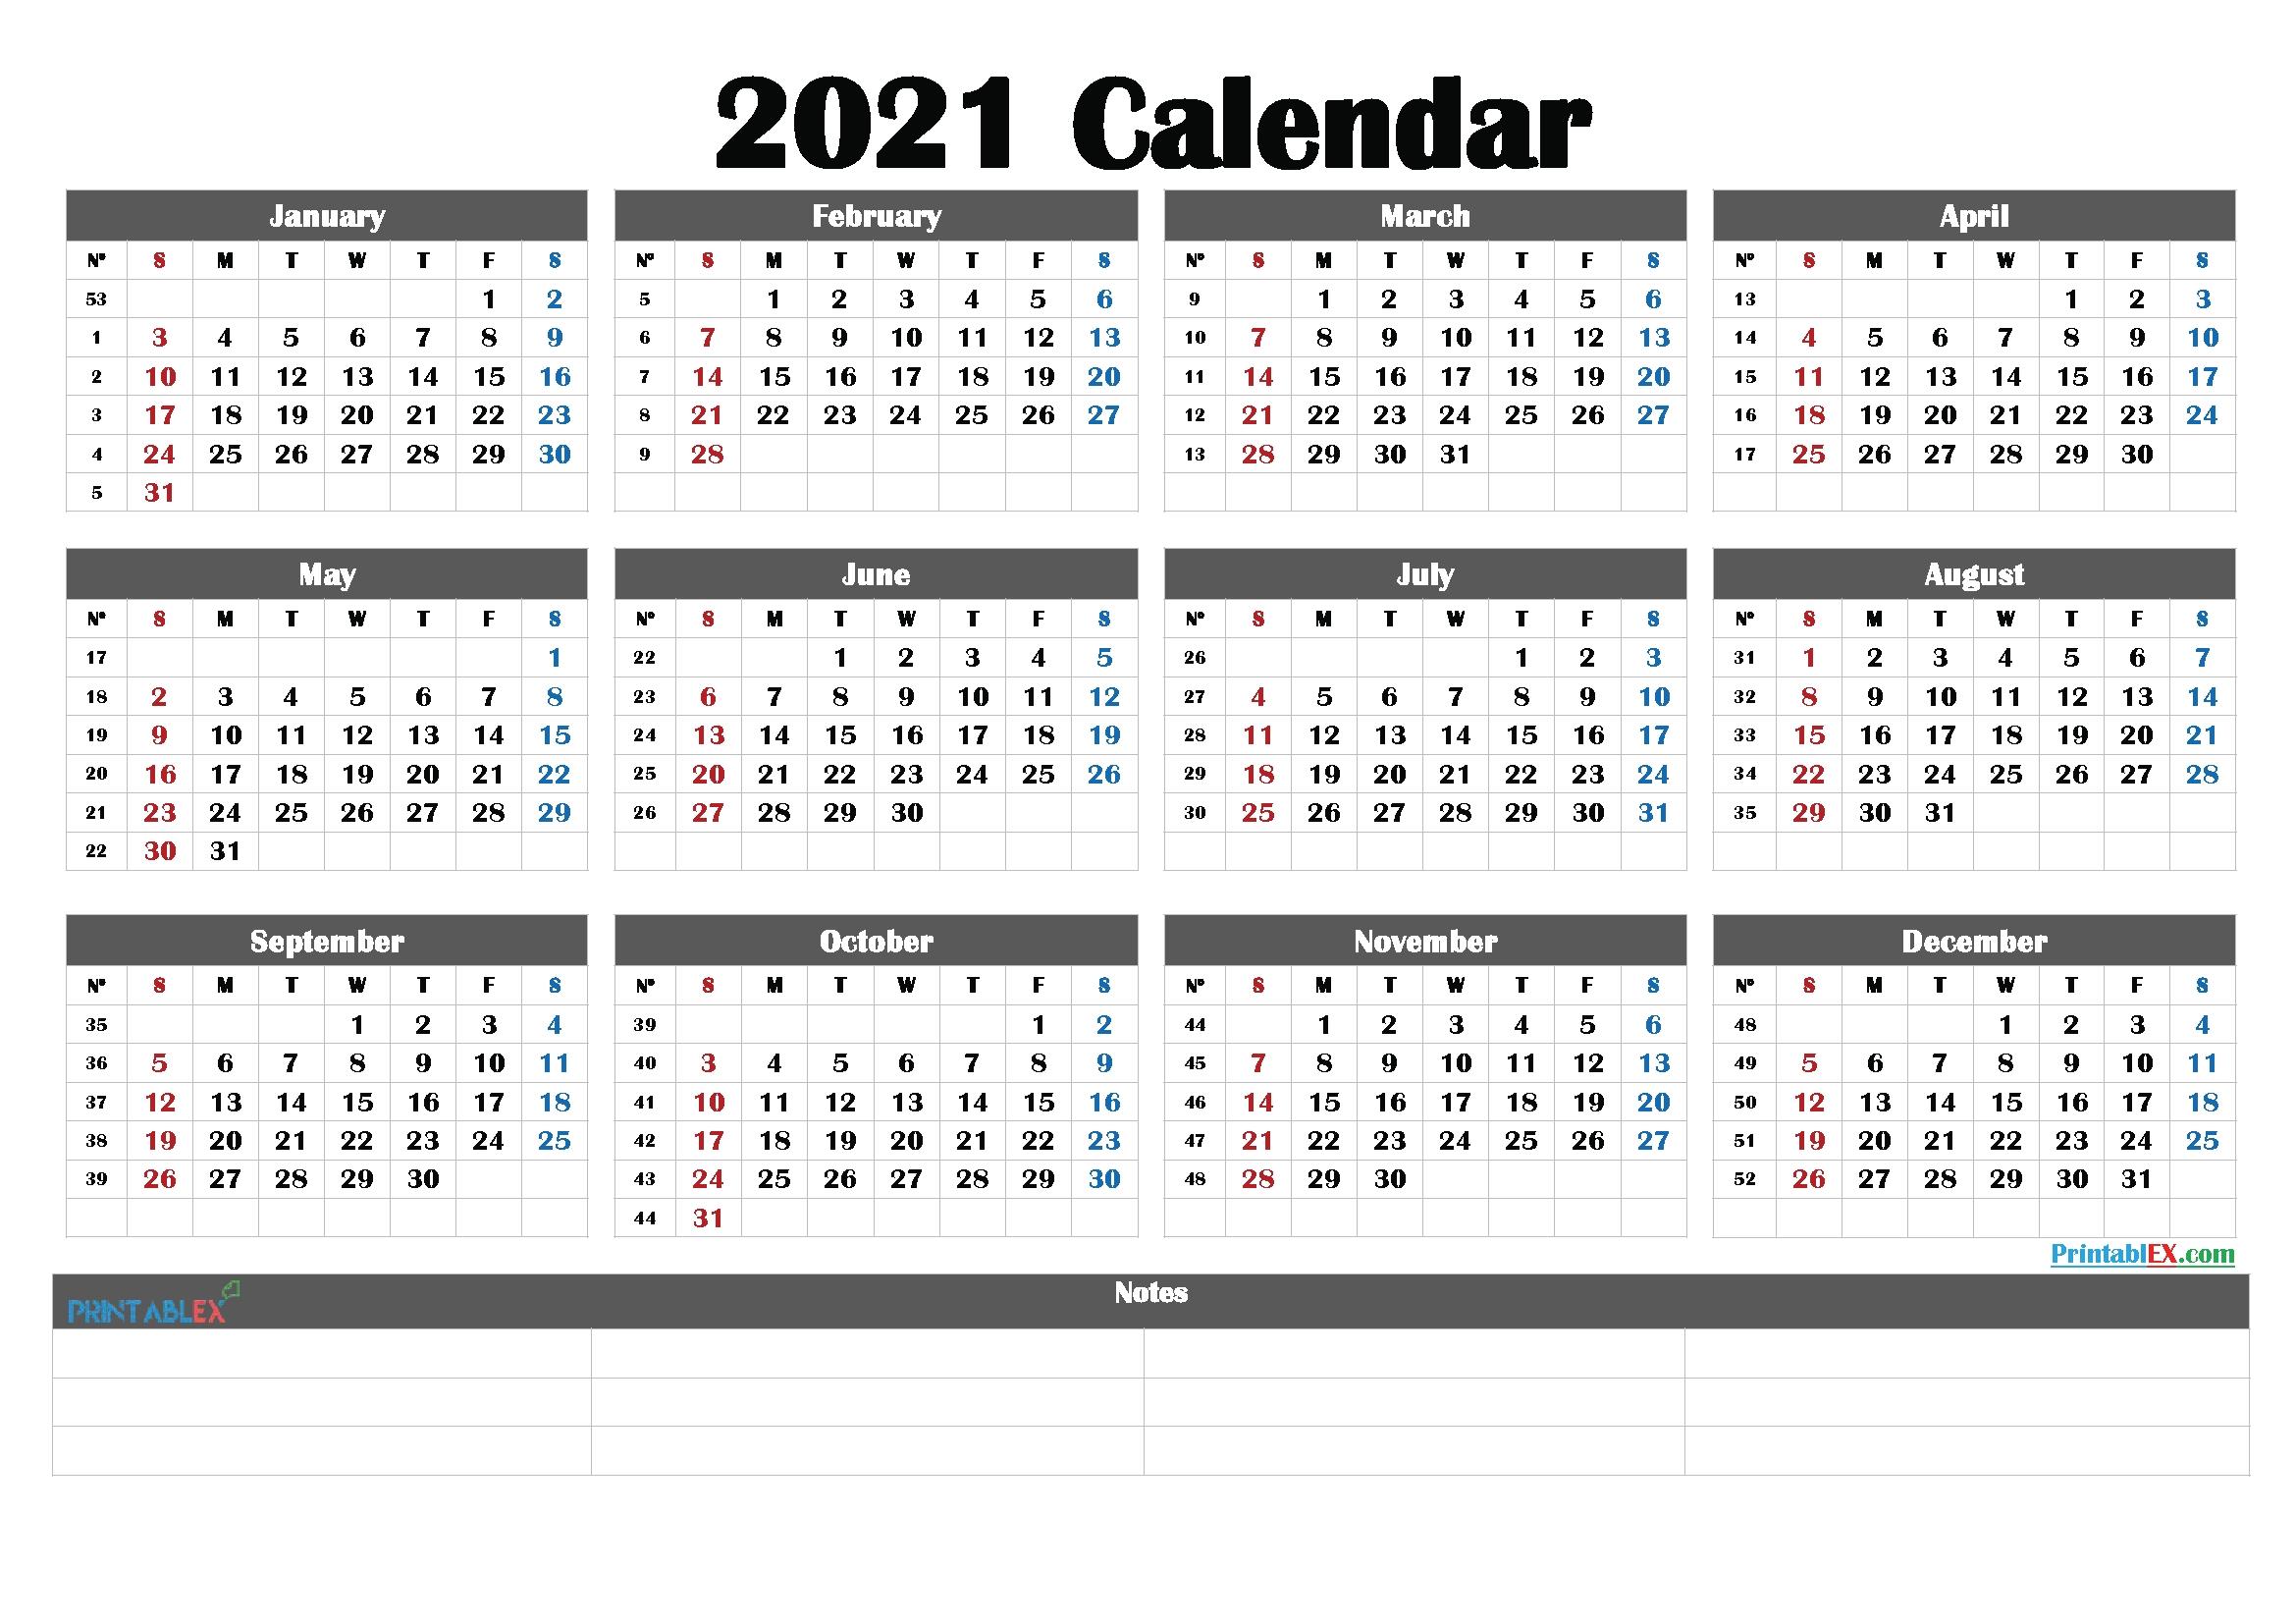 Free Printable 2021 Calendar With Week Numbers | Printable March